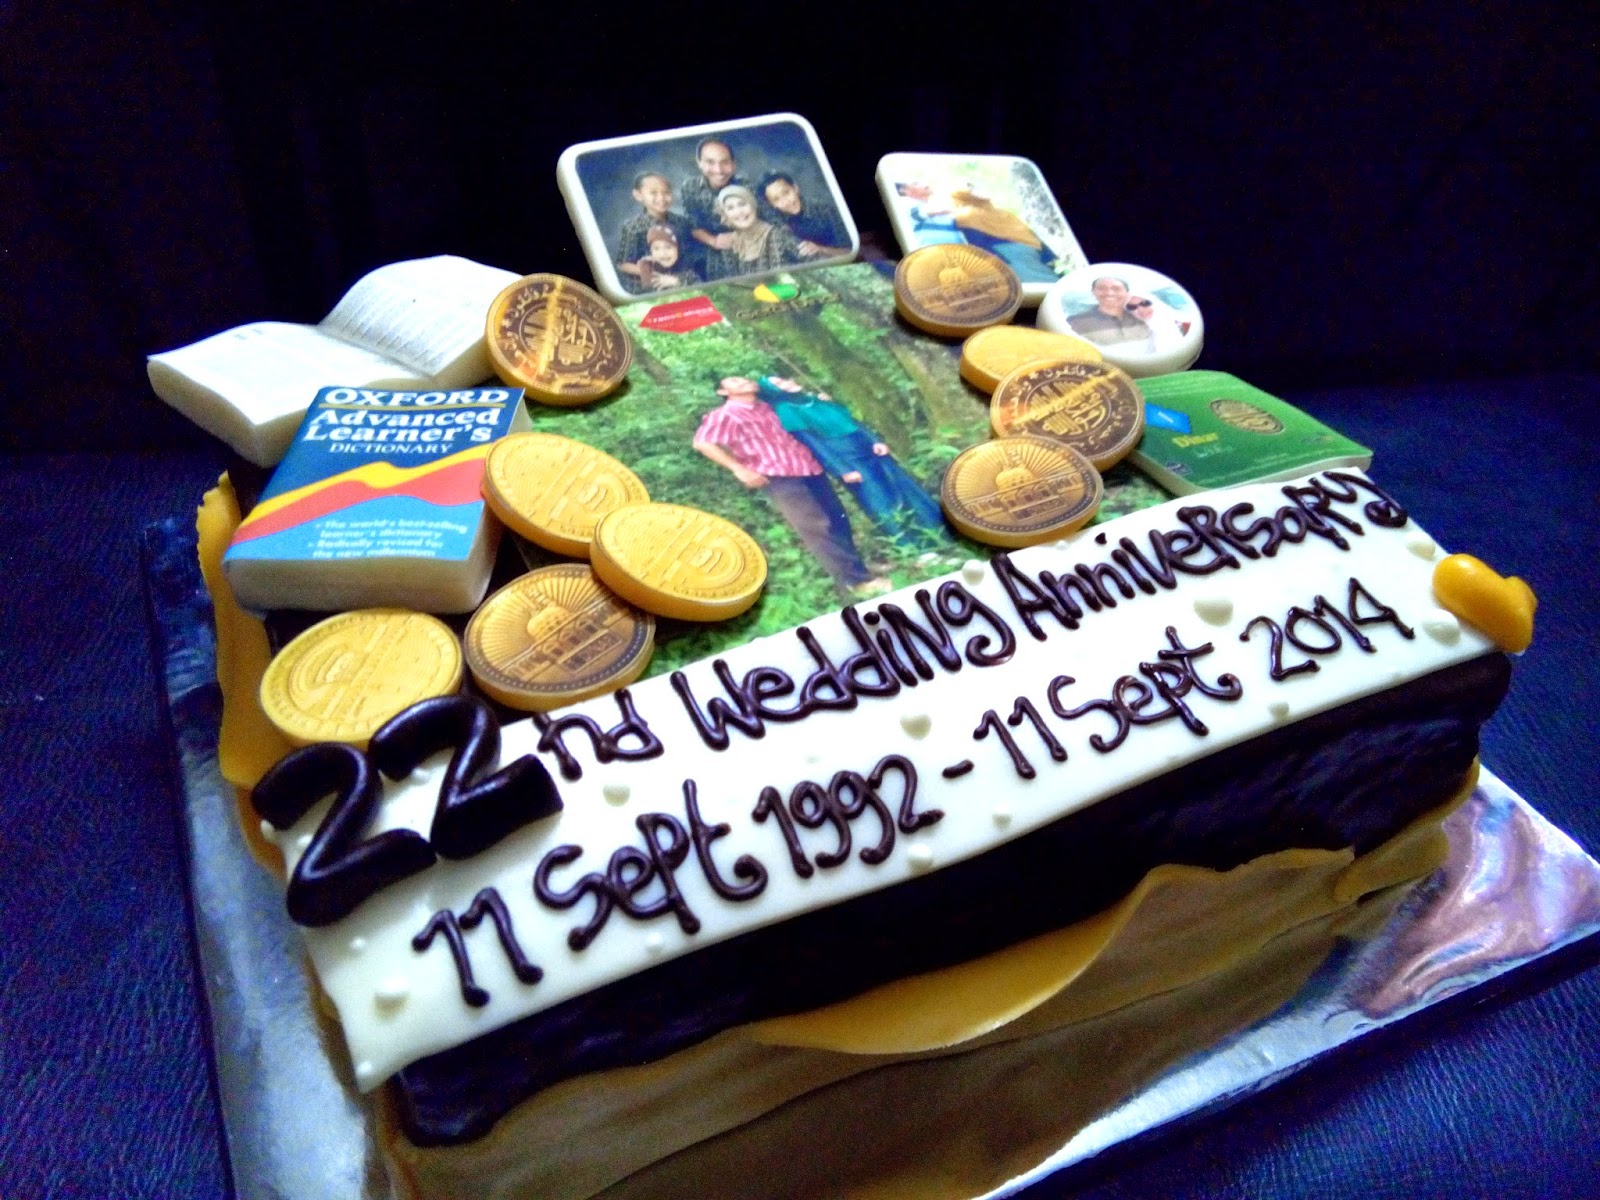 CAKE MALANG, TART MALANG, EDIBLE IMAGE MALANG, 3D CAKE MALANG